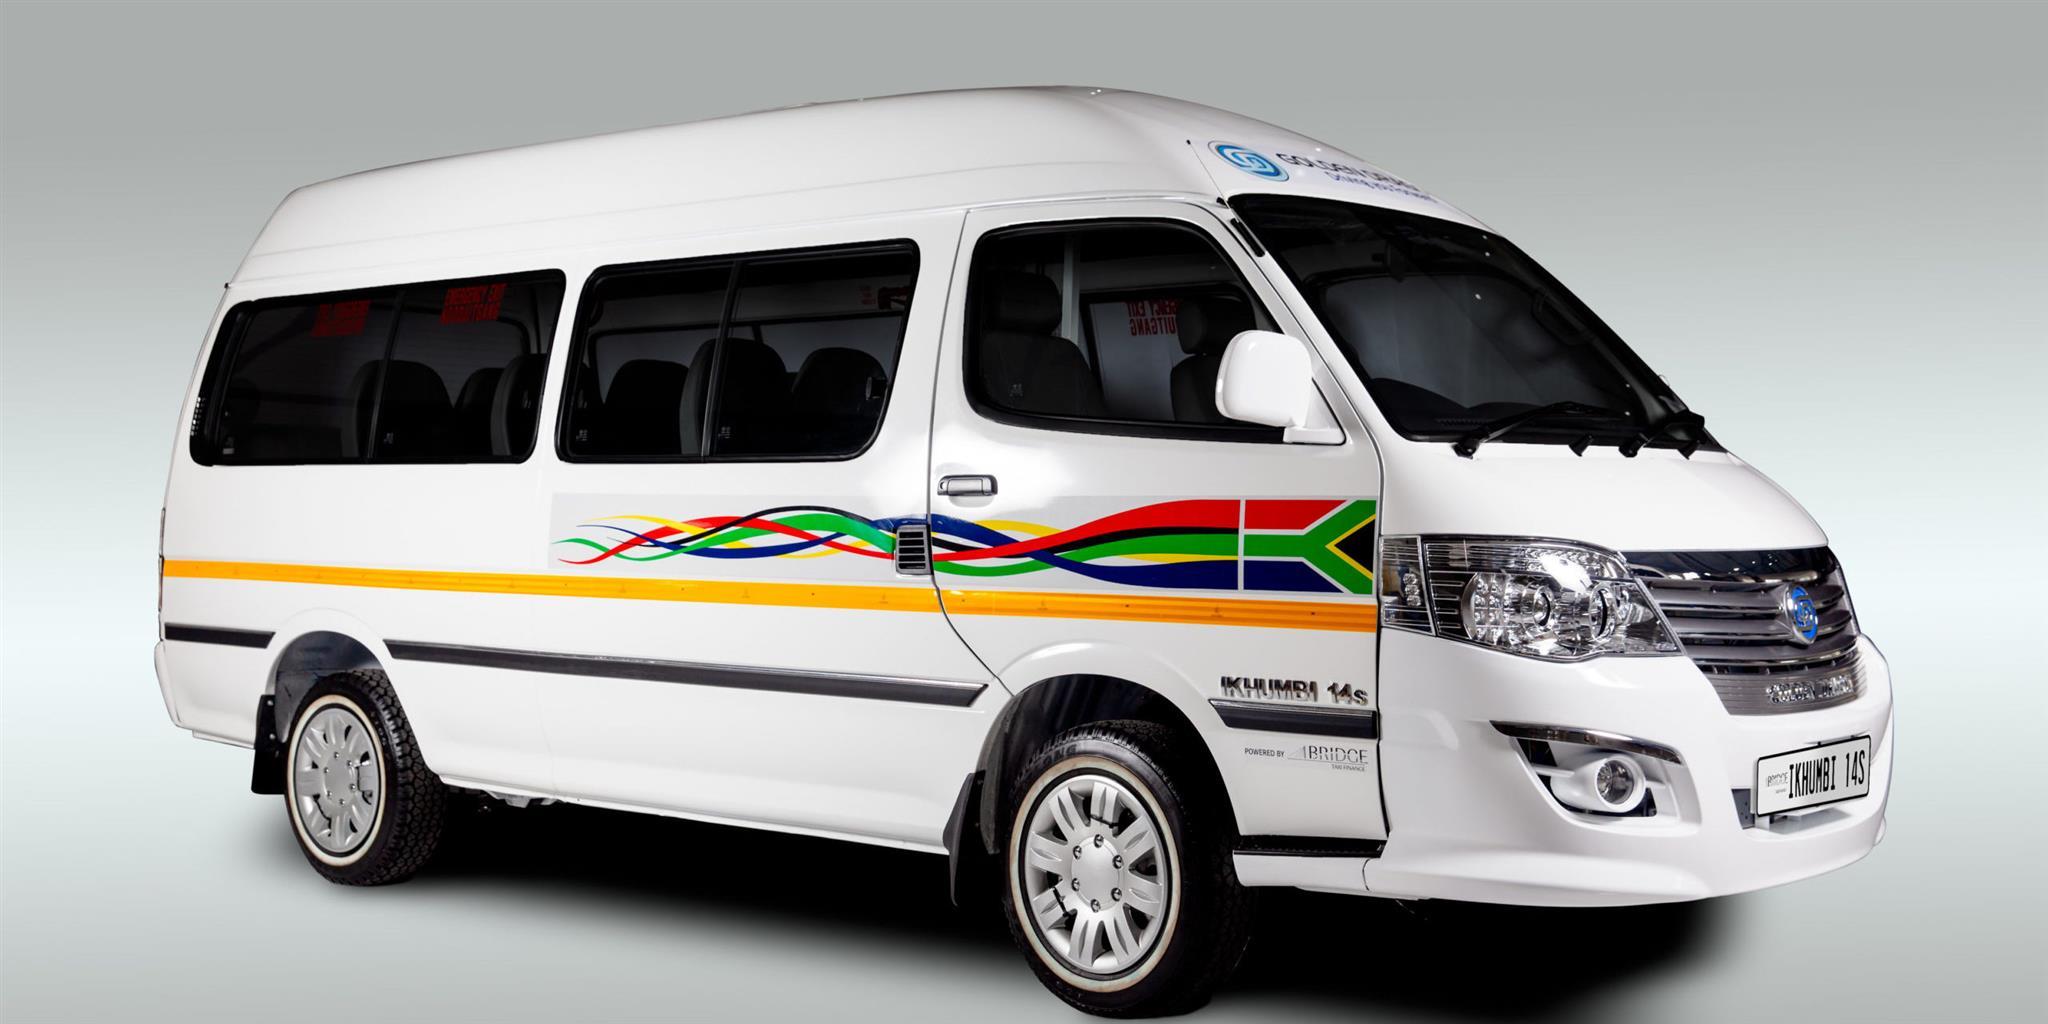 Golden Dragon  Ikhumbi Taxi